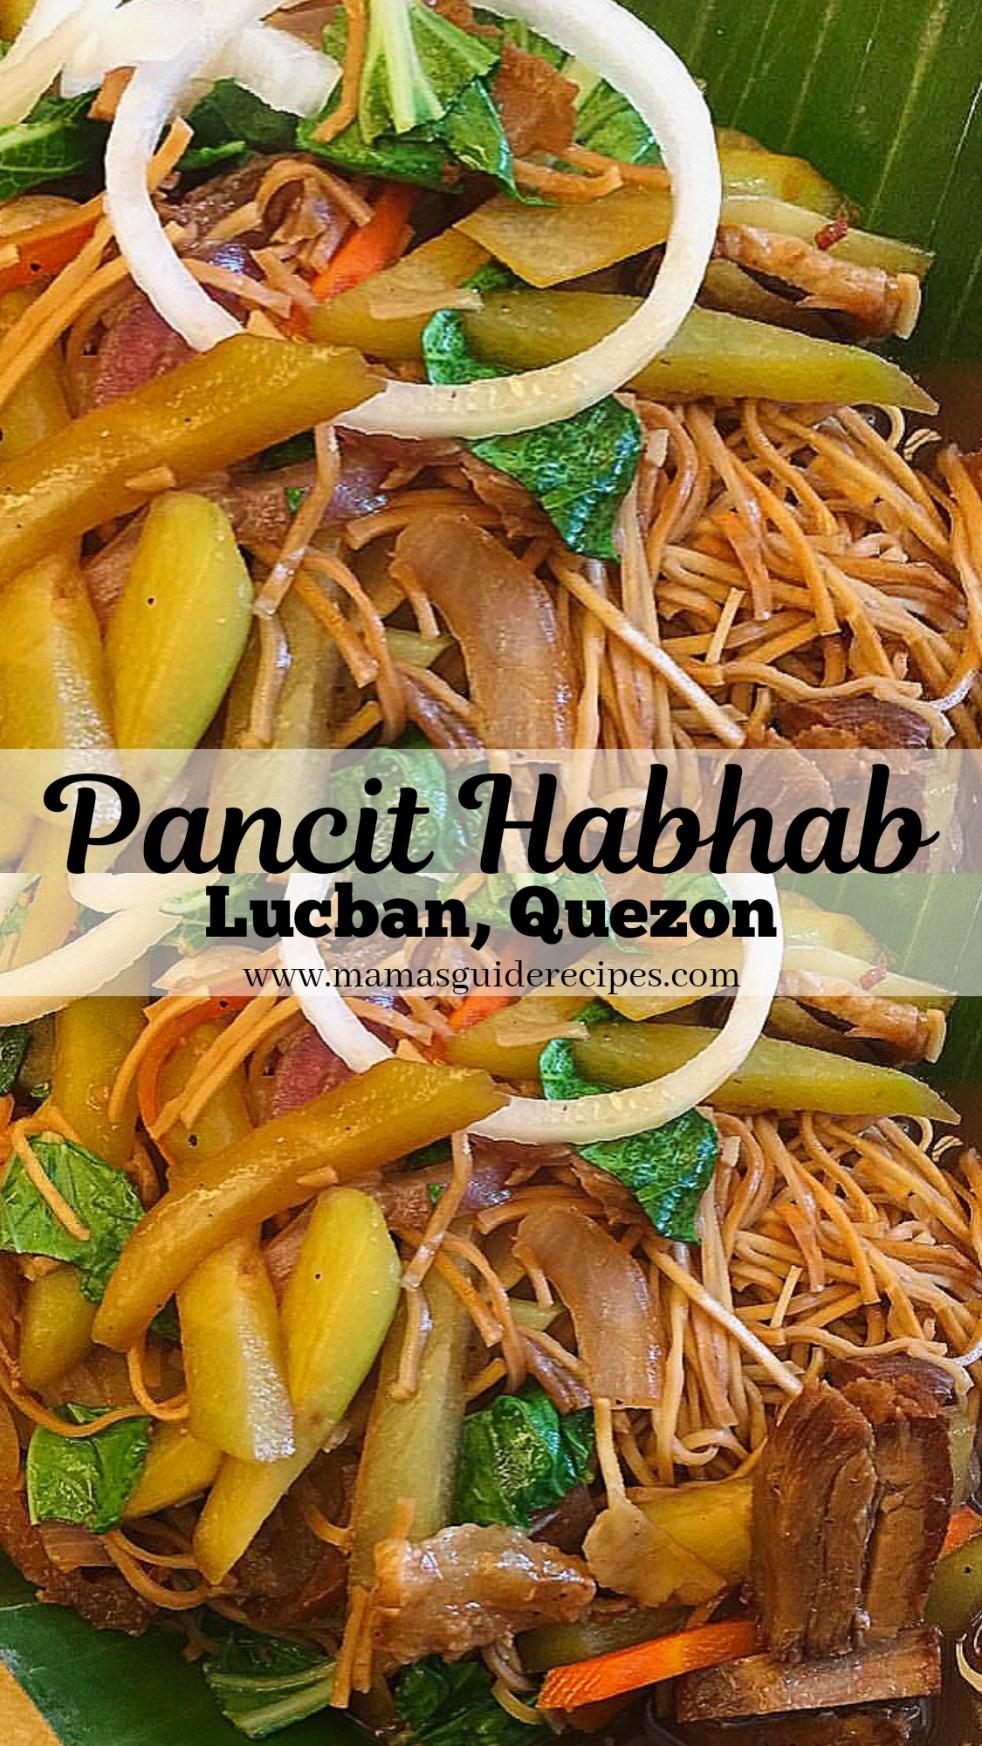 Pansit Habhab